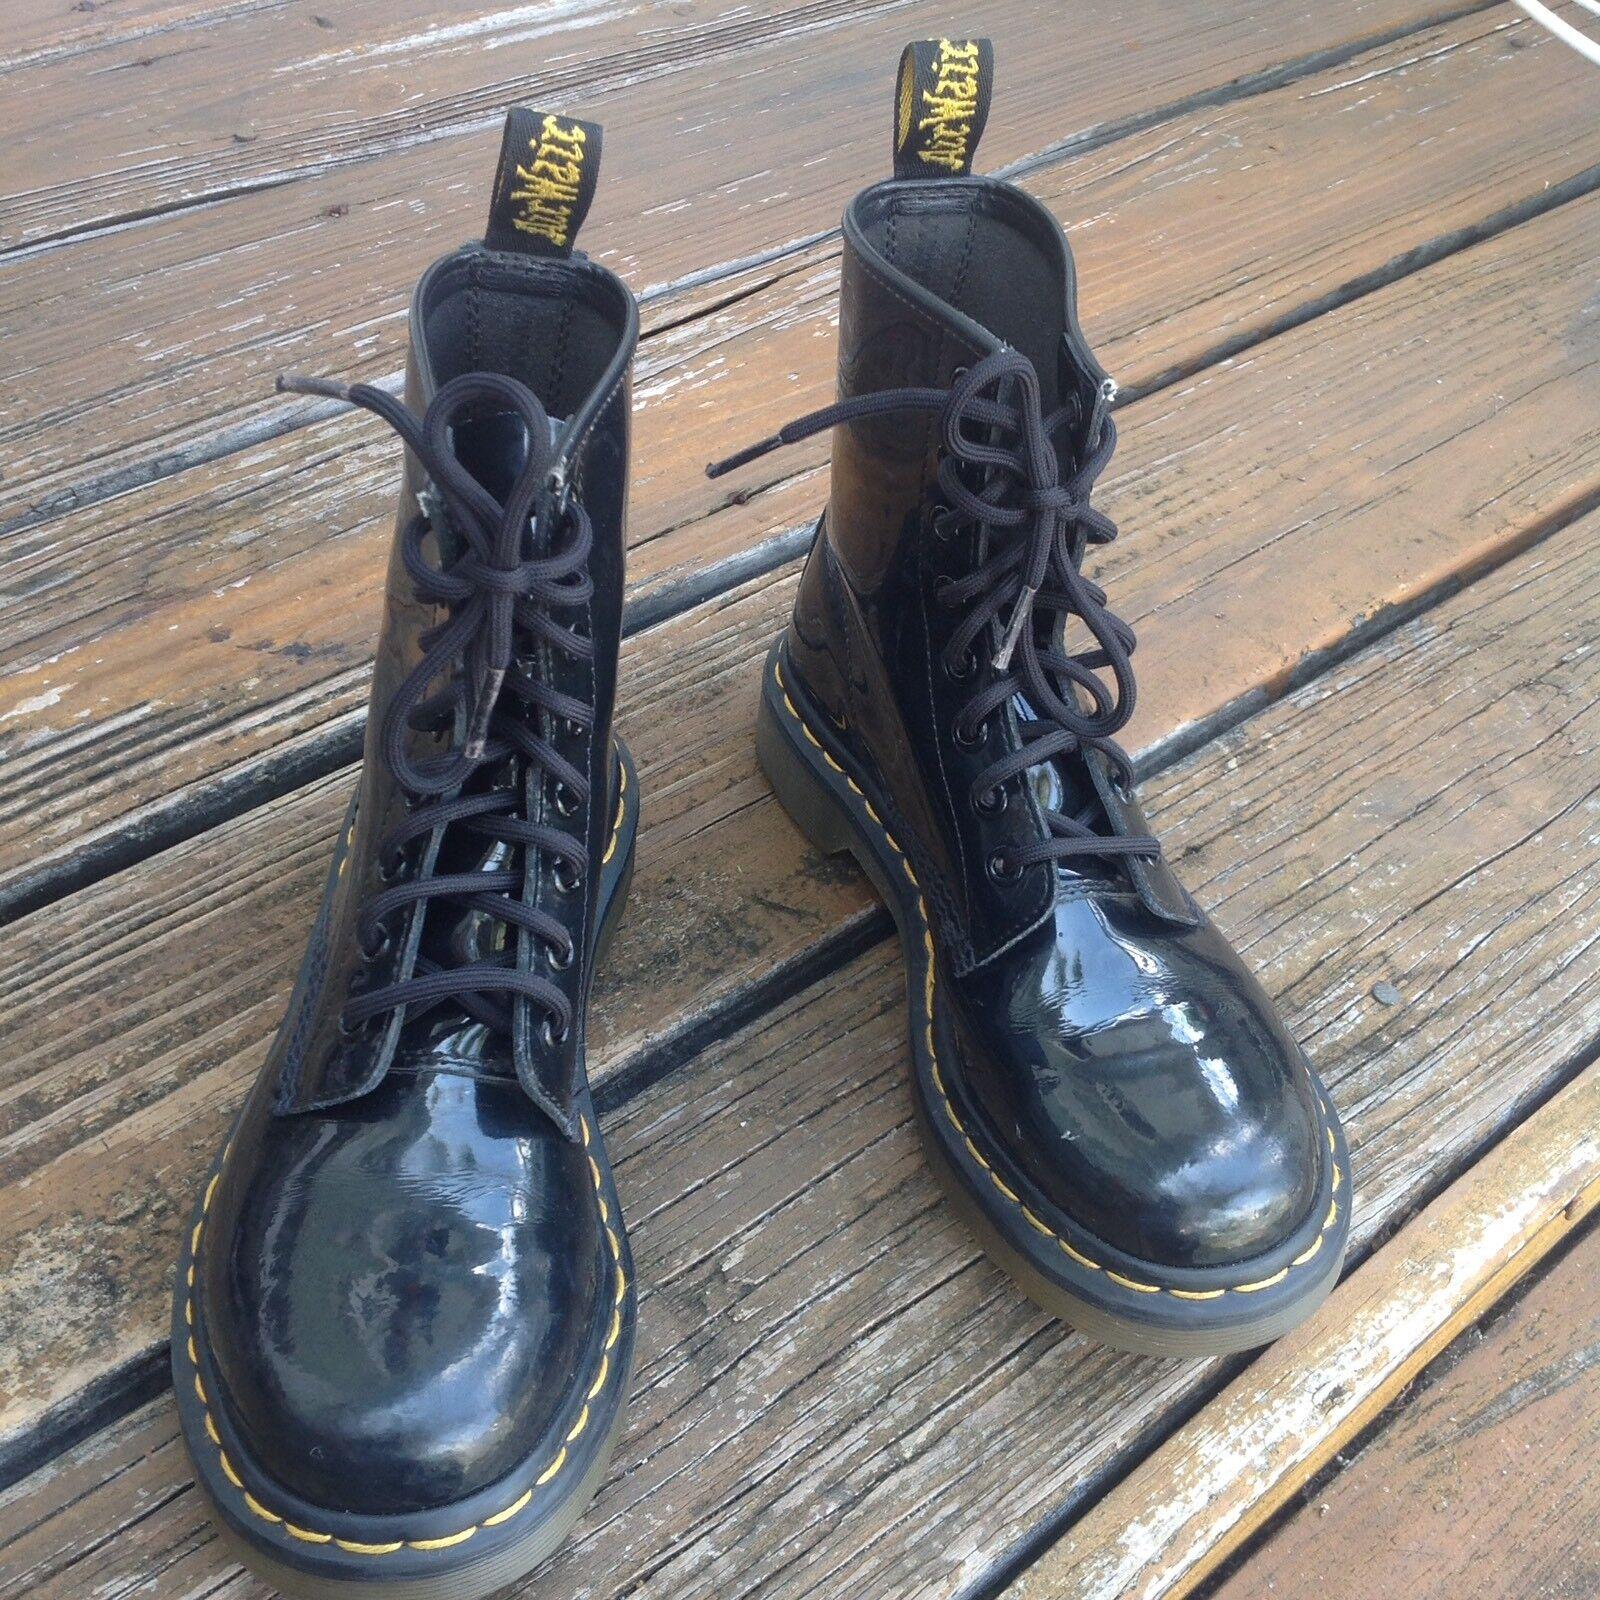 Dr Martens Docs Black Patent Leather Combat Moto Boots Womens 6 EU 37 1460 shoes